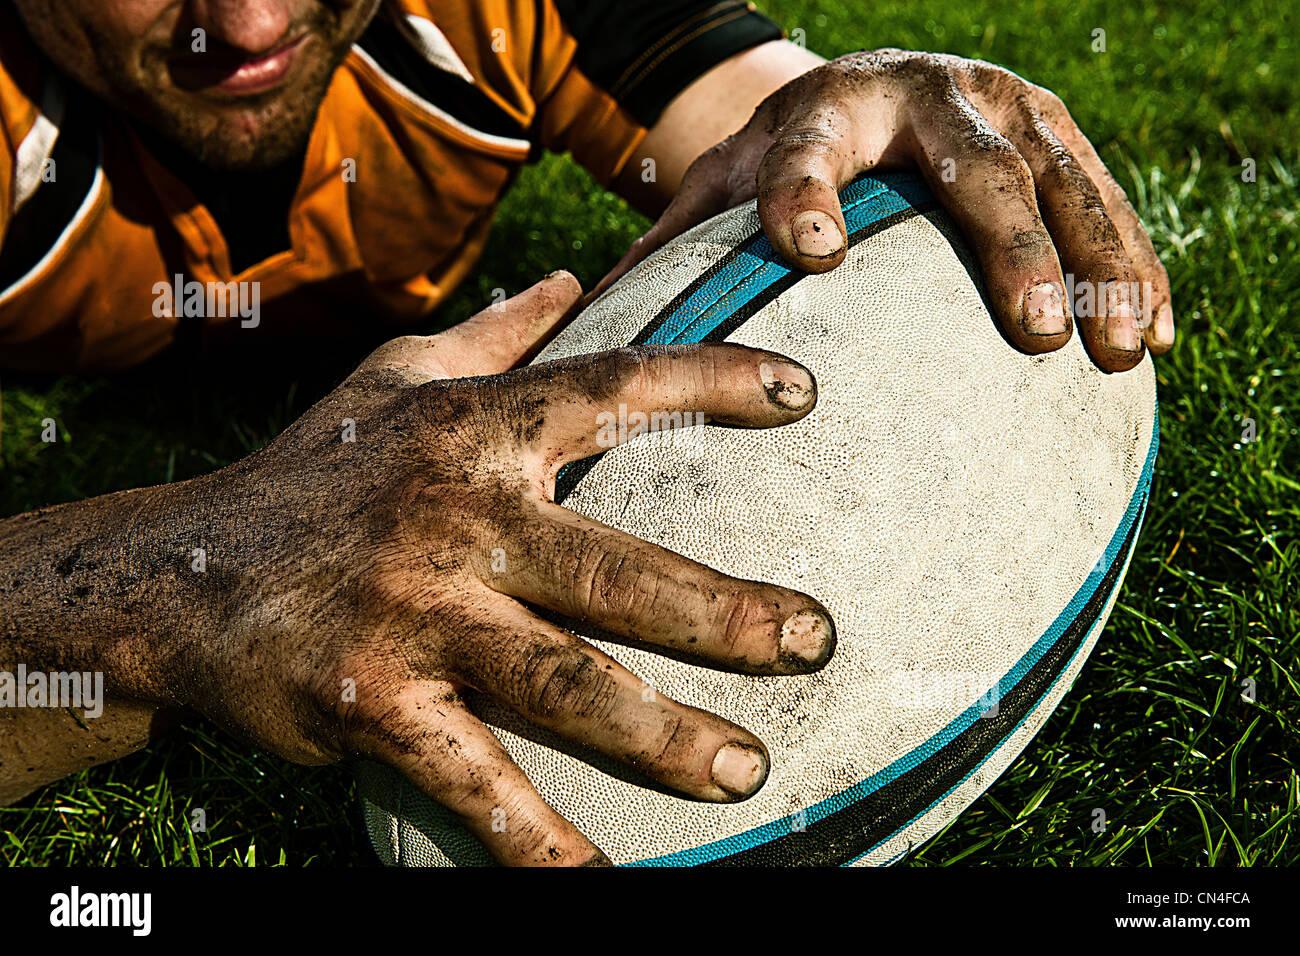 Giocatore di Rugby punteggio sul passo Immagini Stock